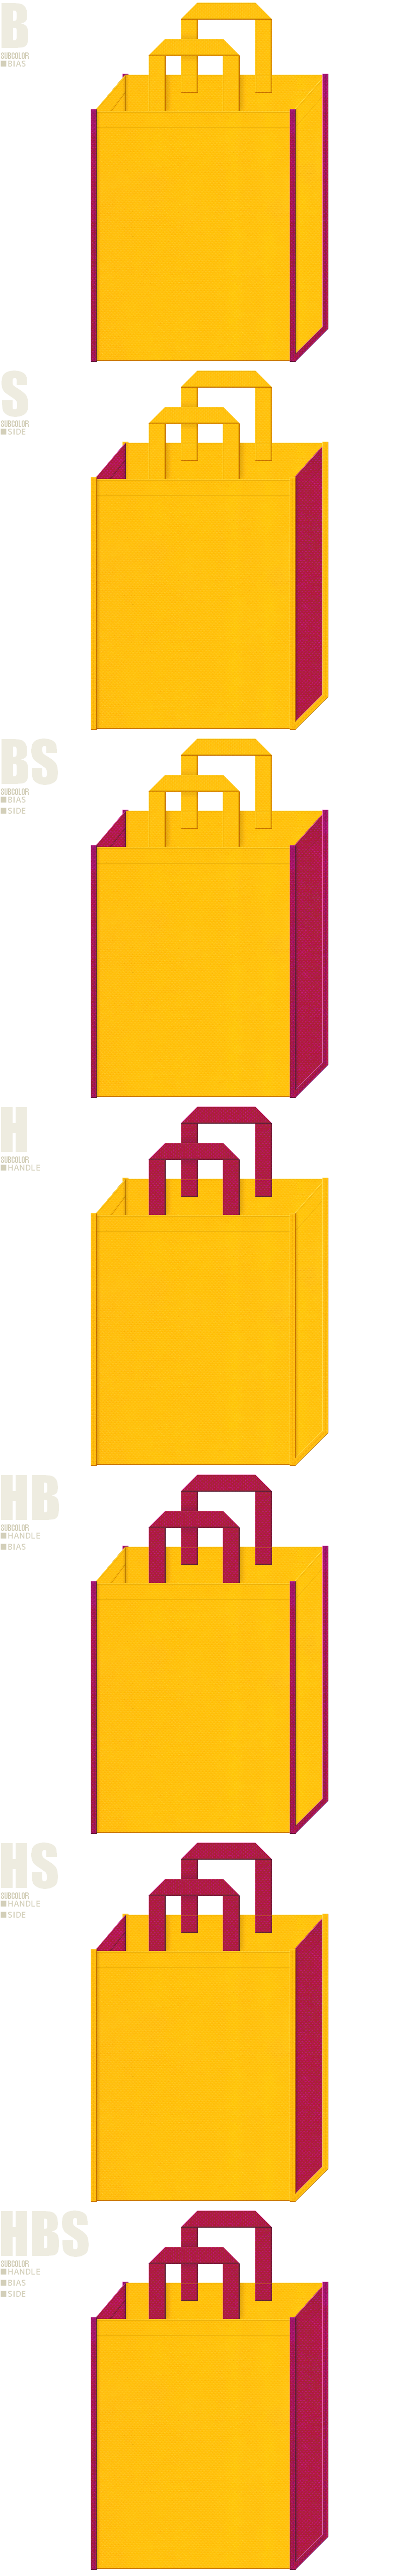 フラワーパーク・観光・南国リゾート・トロピカル・おもちゃ・テーマパーク・お姫様・ピエロ・サーカス・ゲーム・レッスンバッグ・通園バッグ・キッズイベントにお奨めの不織布バッグデザイン:黄色と濃いピンク色の配色7パターン。